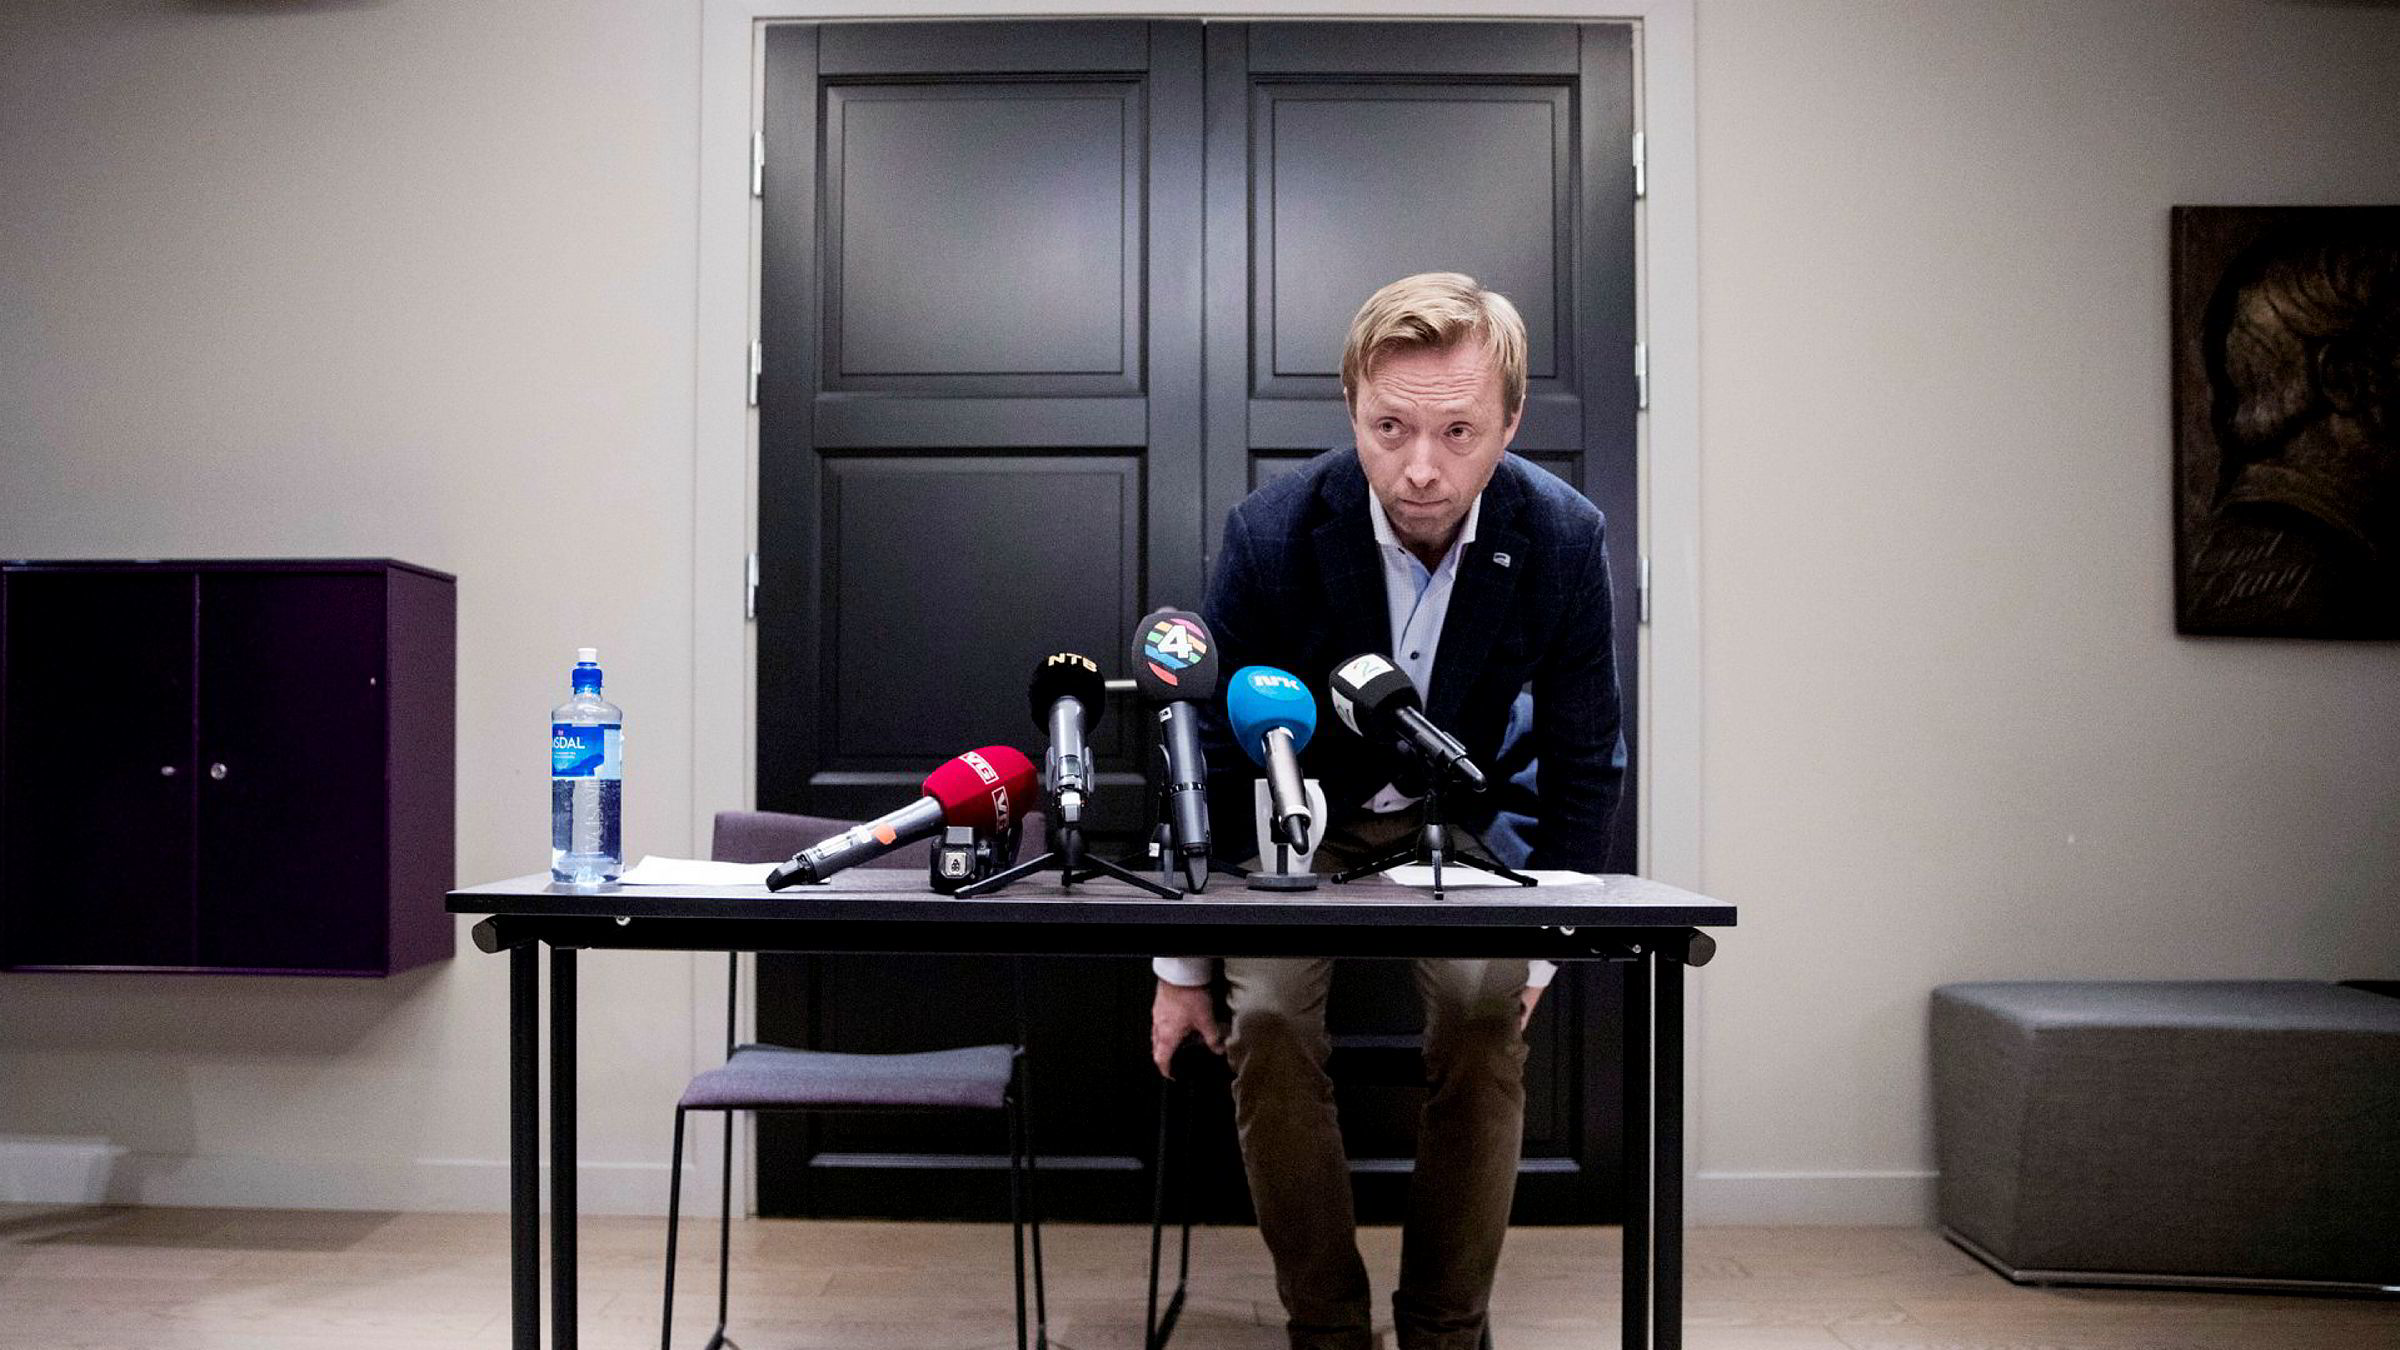 Høyres generalsekretær John-Ragnar Aarset. Her fra da han orienterte pressen om varslersakene i Unge Høyre i fjor.